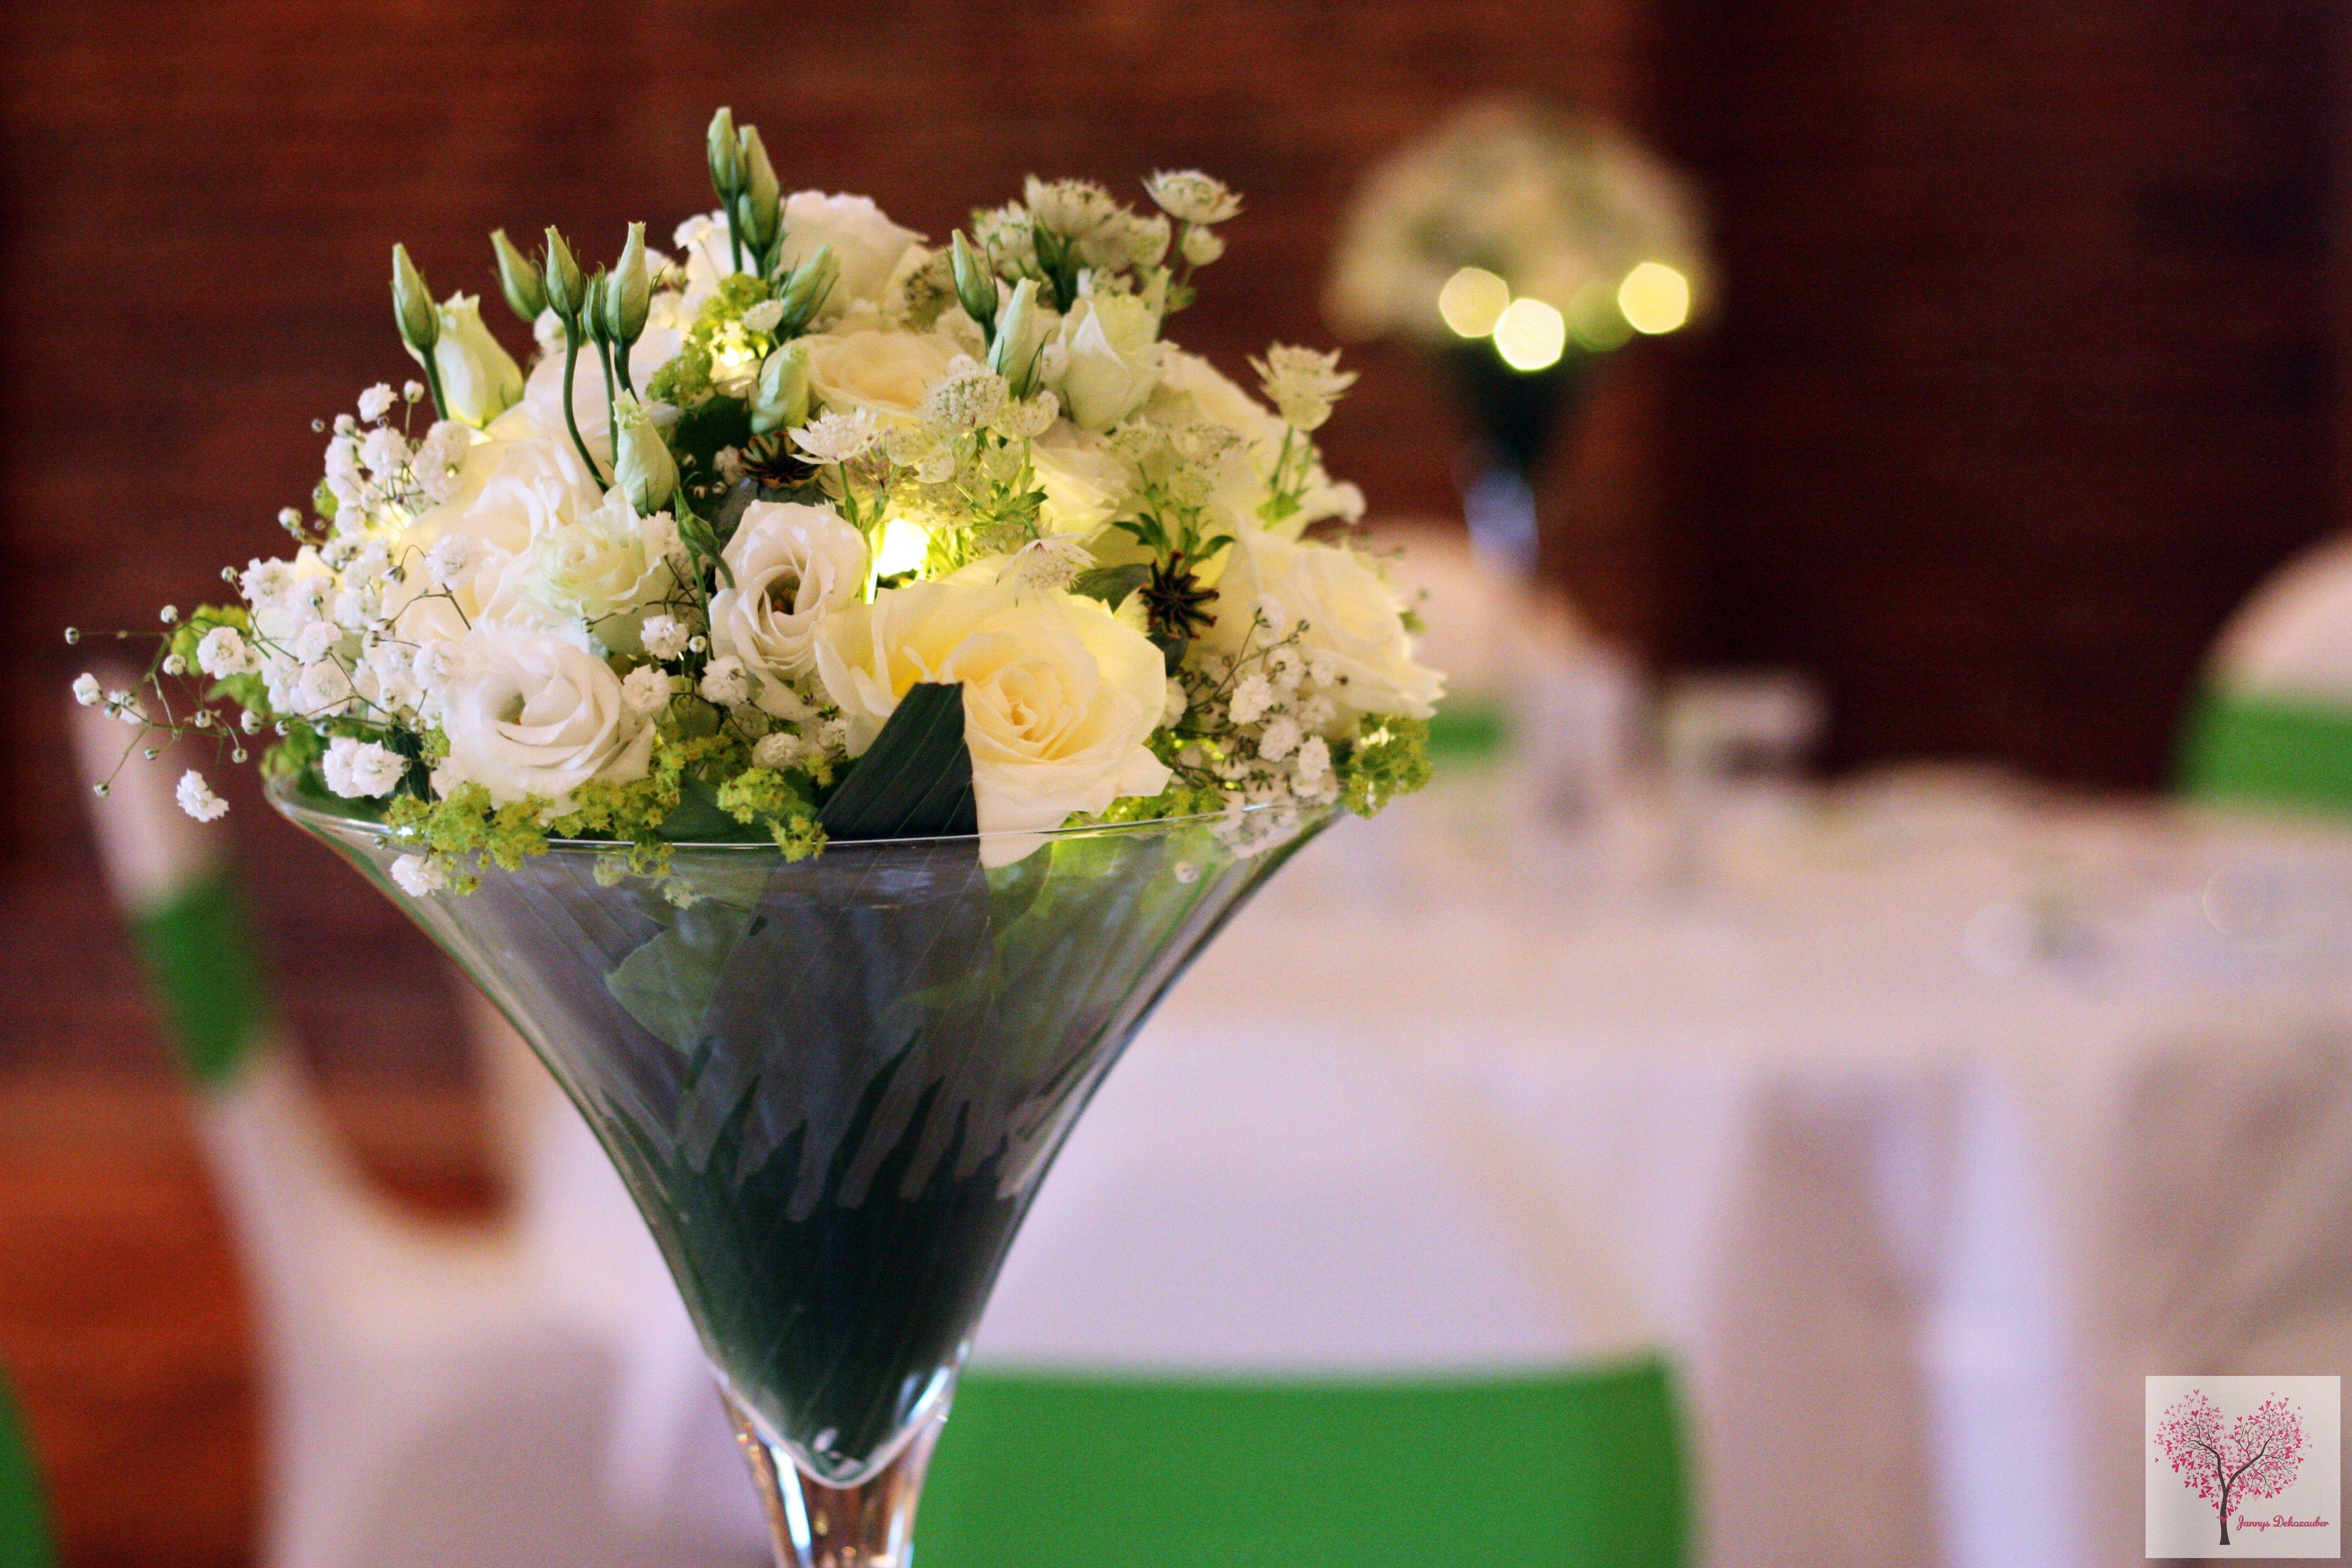 Großartig Tischdeko Blumen Hochzeit Foto Von Martiniglas Led Hochzeitsdeko Grün Weiß